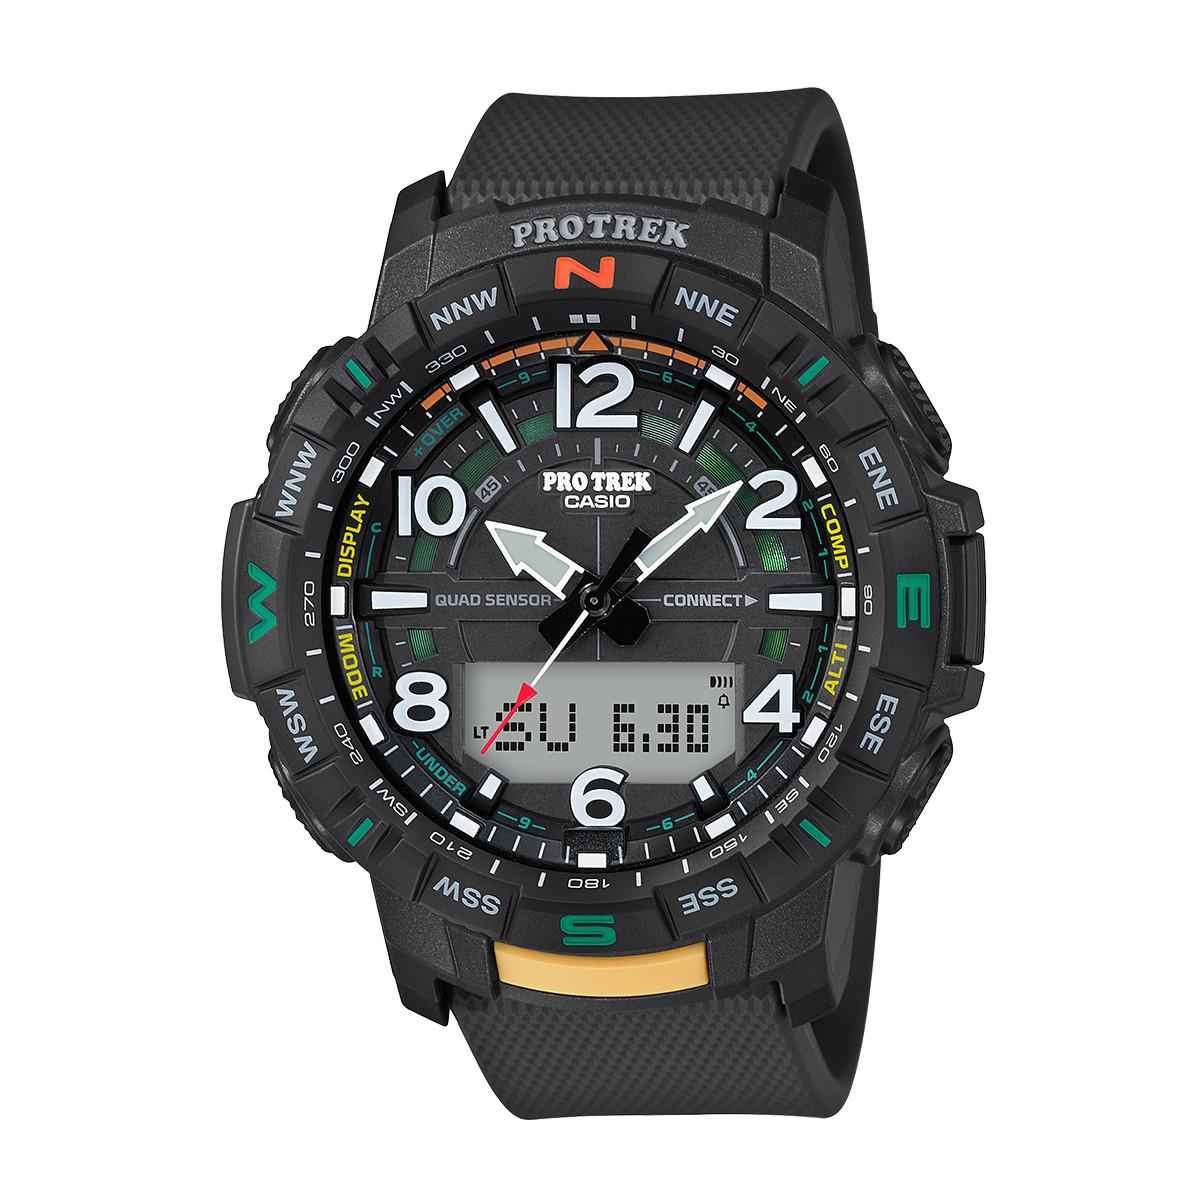 卡西欧【正品授权】卡西欧手表Protrek户外多功能运动男士手表PRT-B50-1PR-L